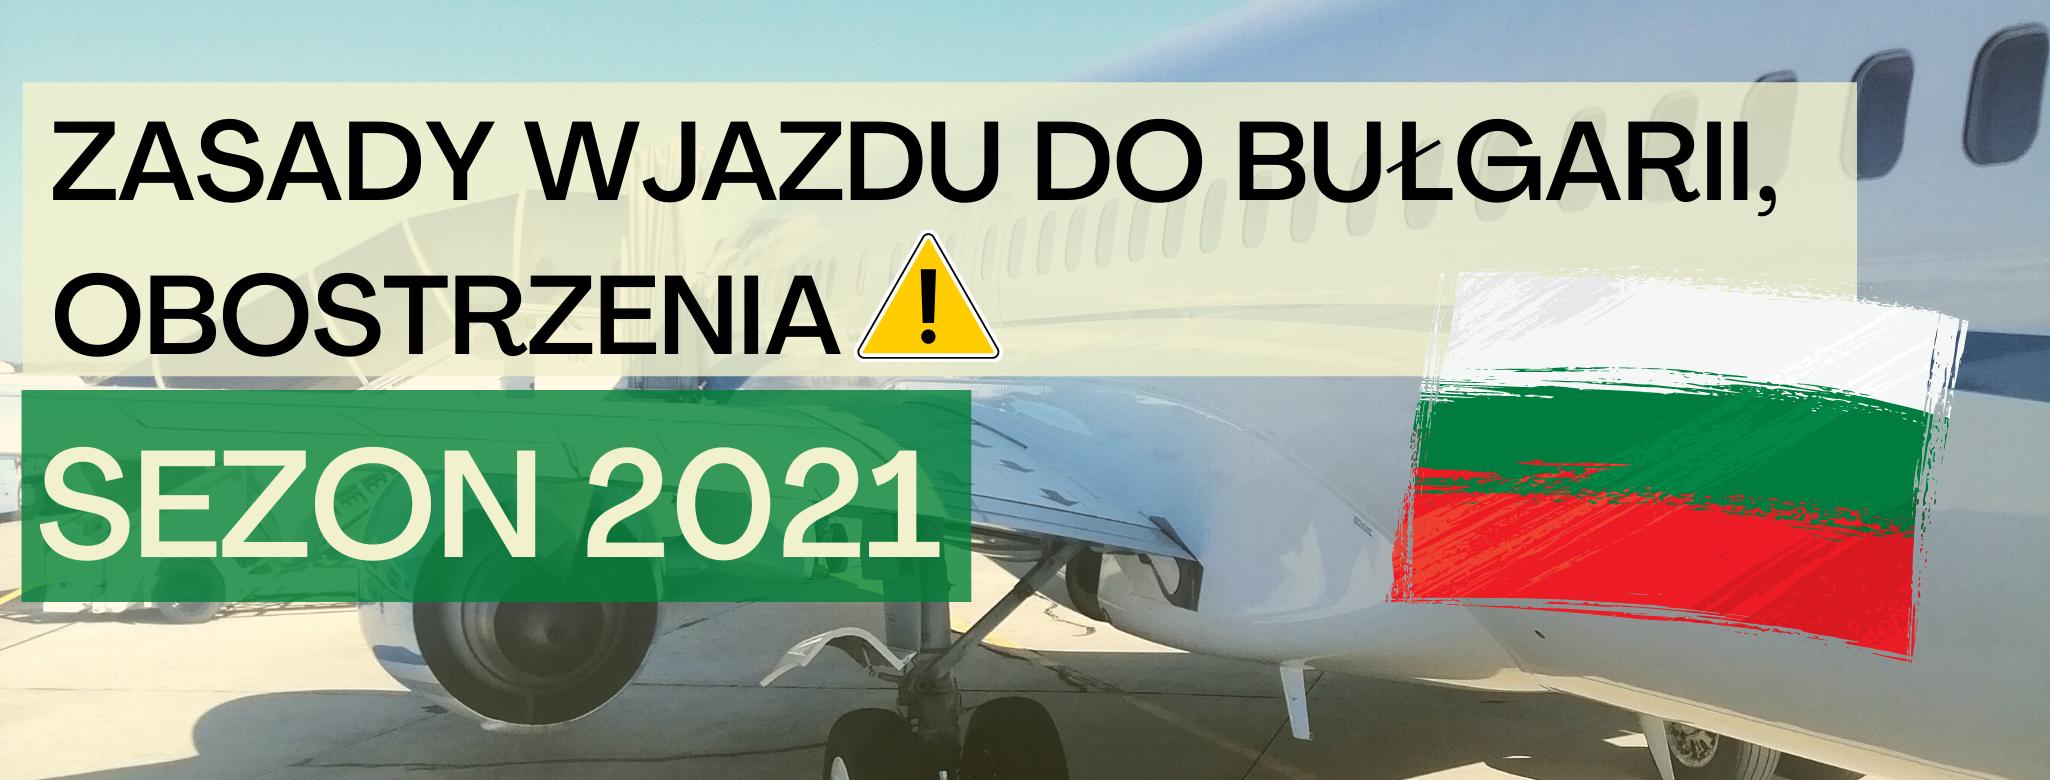 bulgaria_obostrzenia